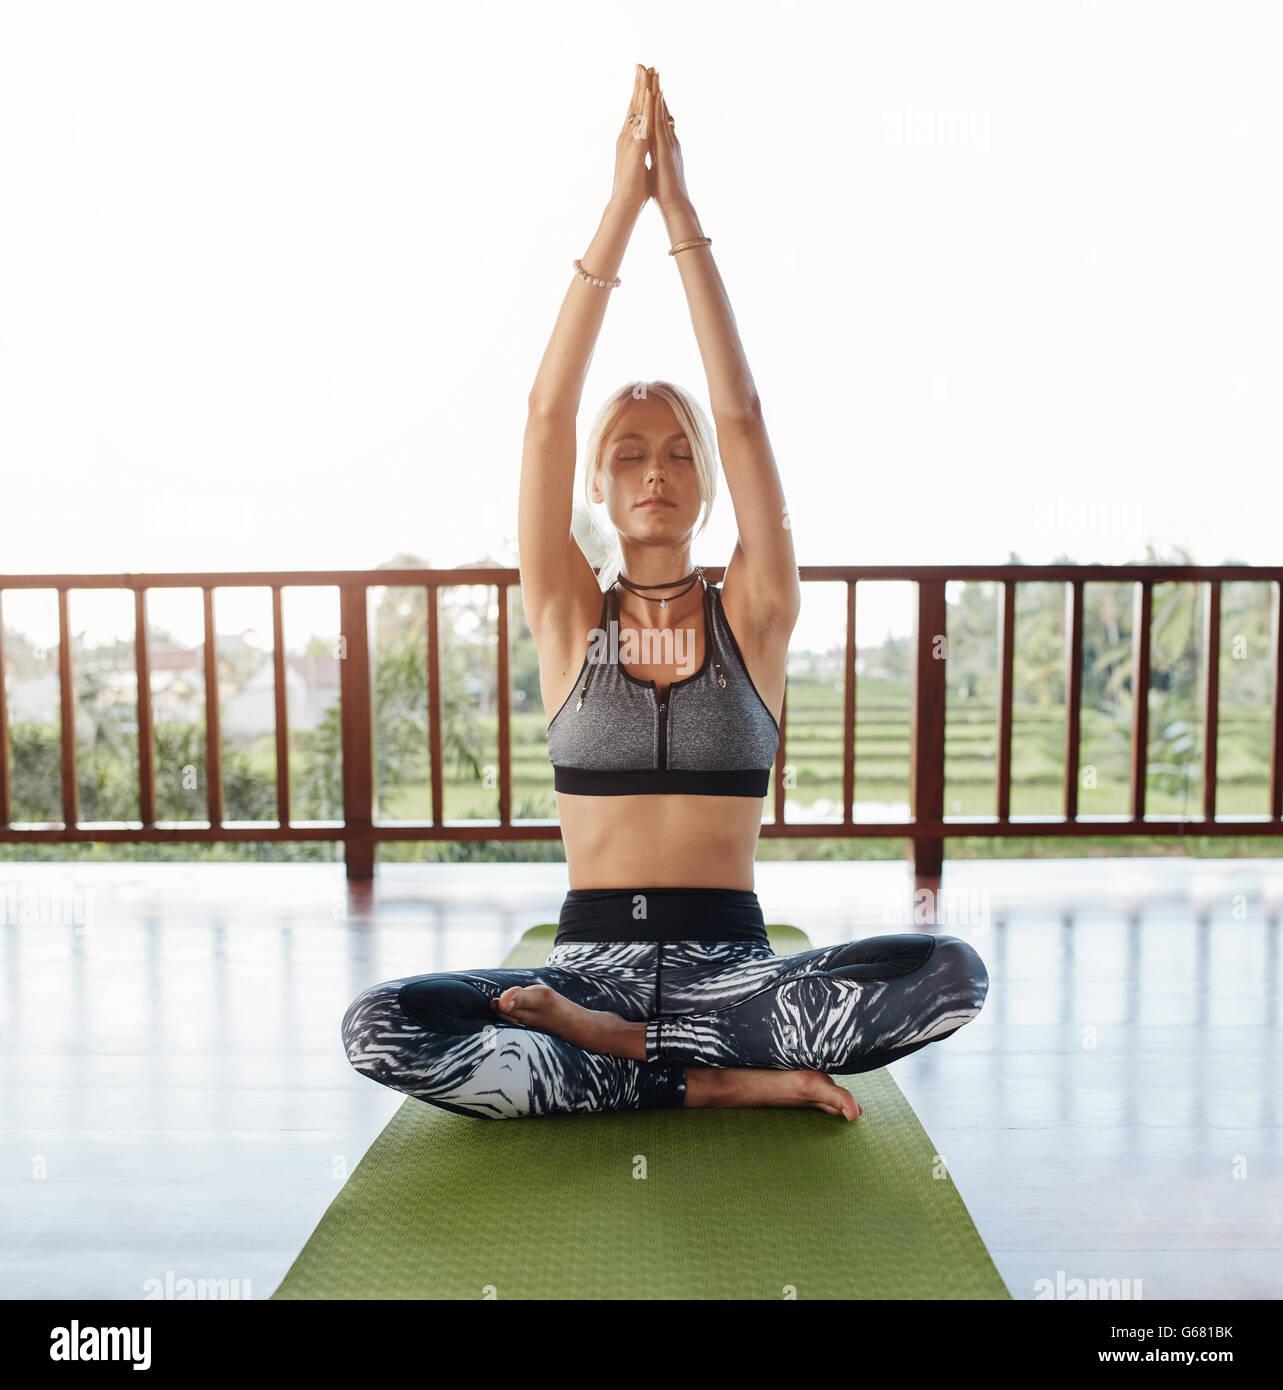 Junge Frau Sitzt Am Boden In Yoga Pose Mit Handen Aufwand Verbunden